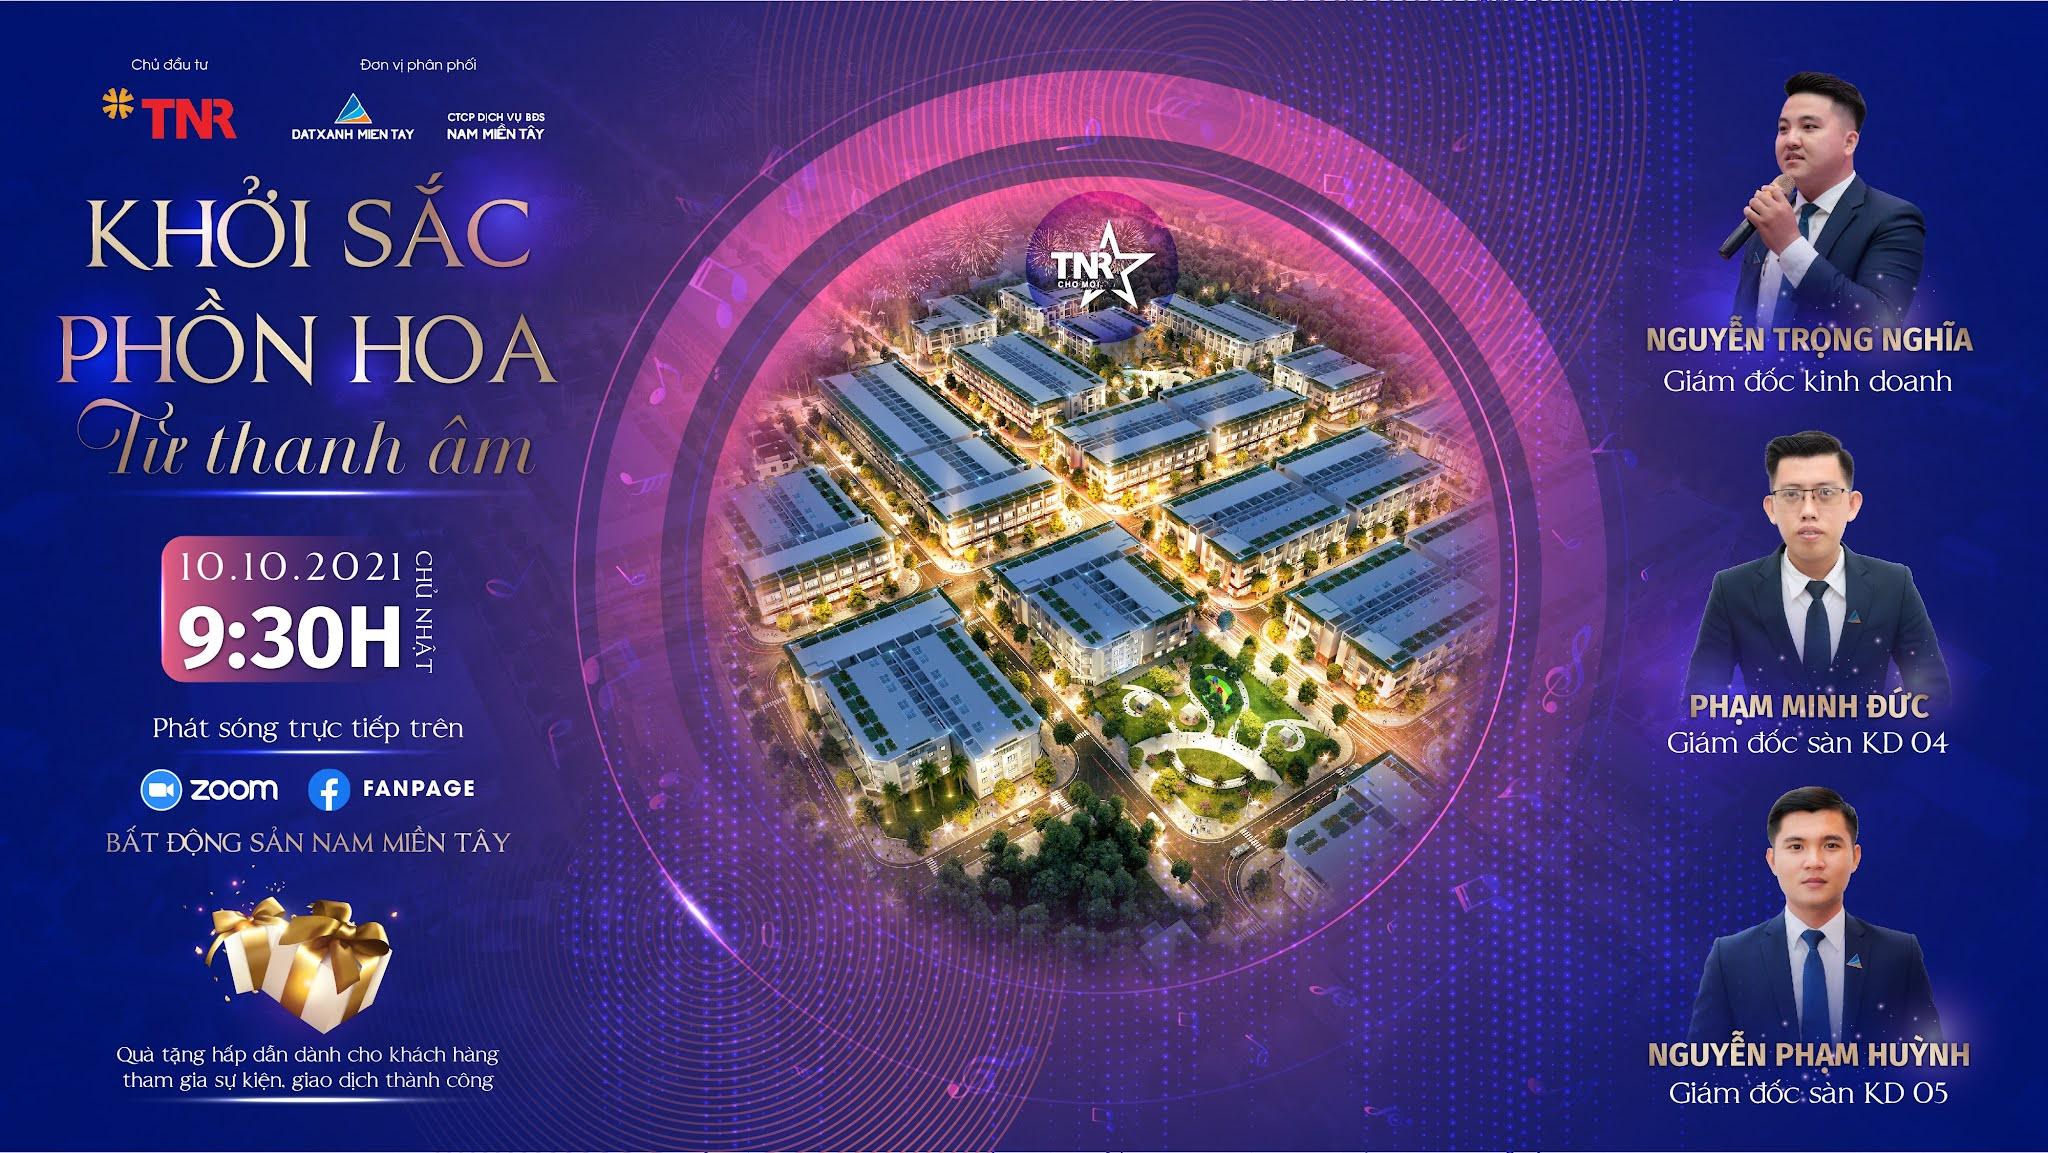 Sự kiện bất động sản trực tuyến TNR Stars Chợ Mới ngày 10/10/2021